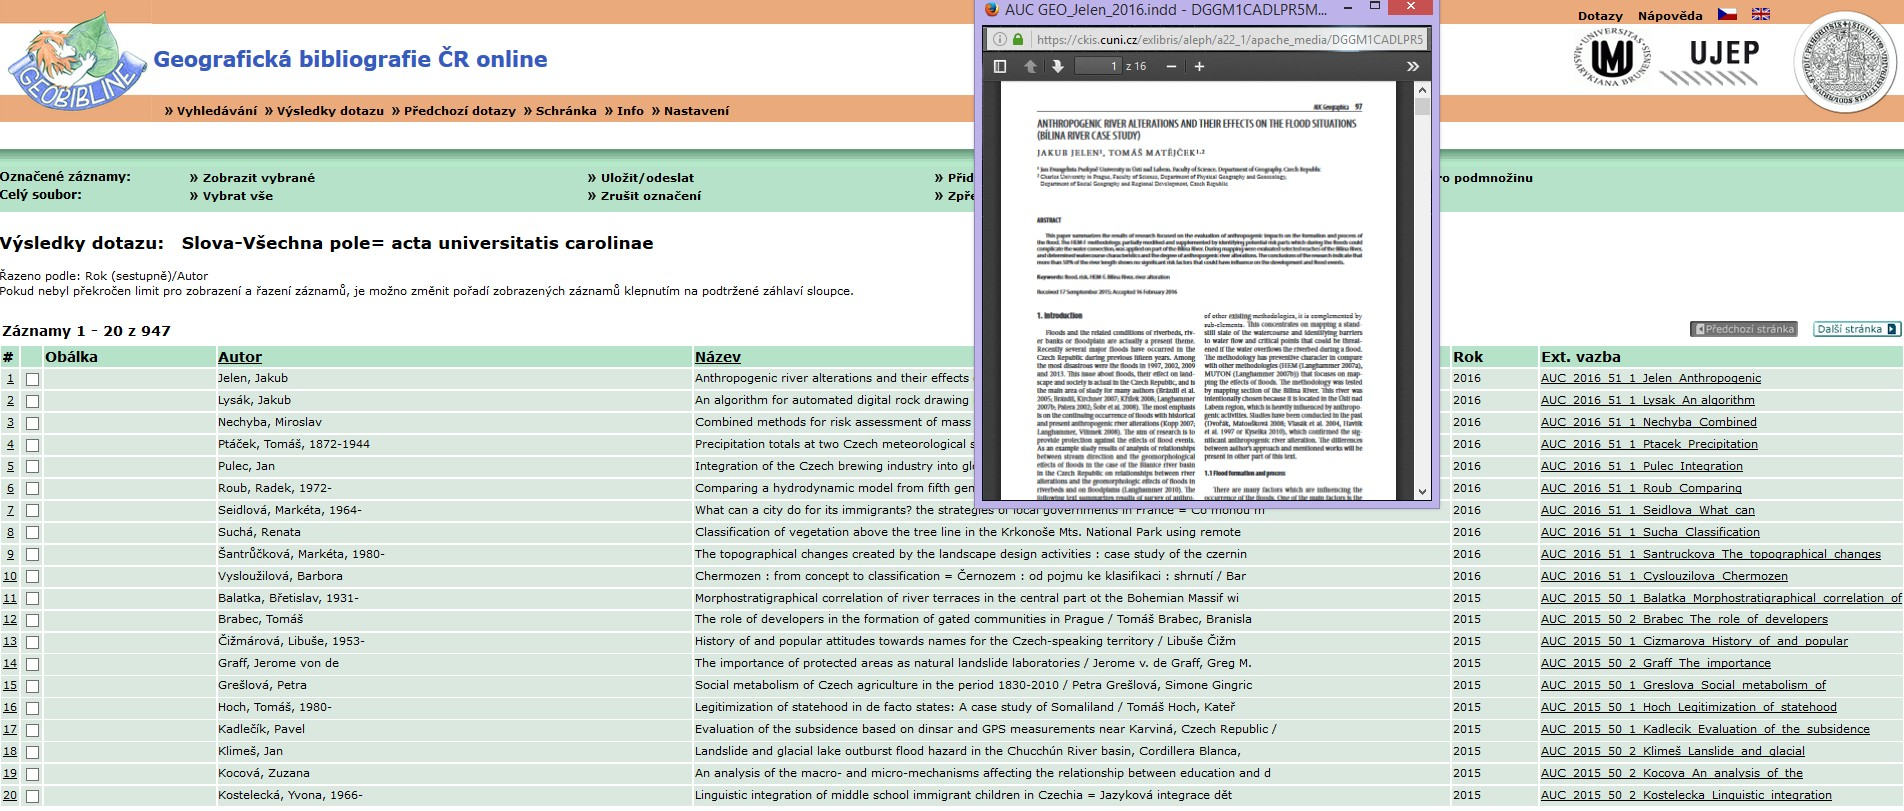 Rešerše v základním vyhledávání GEOBIBLINE - uprostřed zobrazen jeden z připojených plných textů